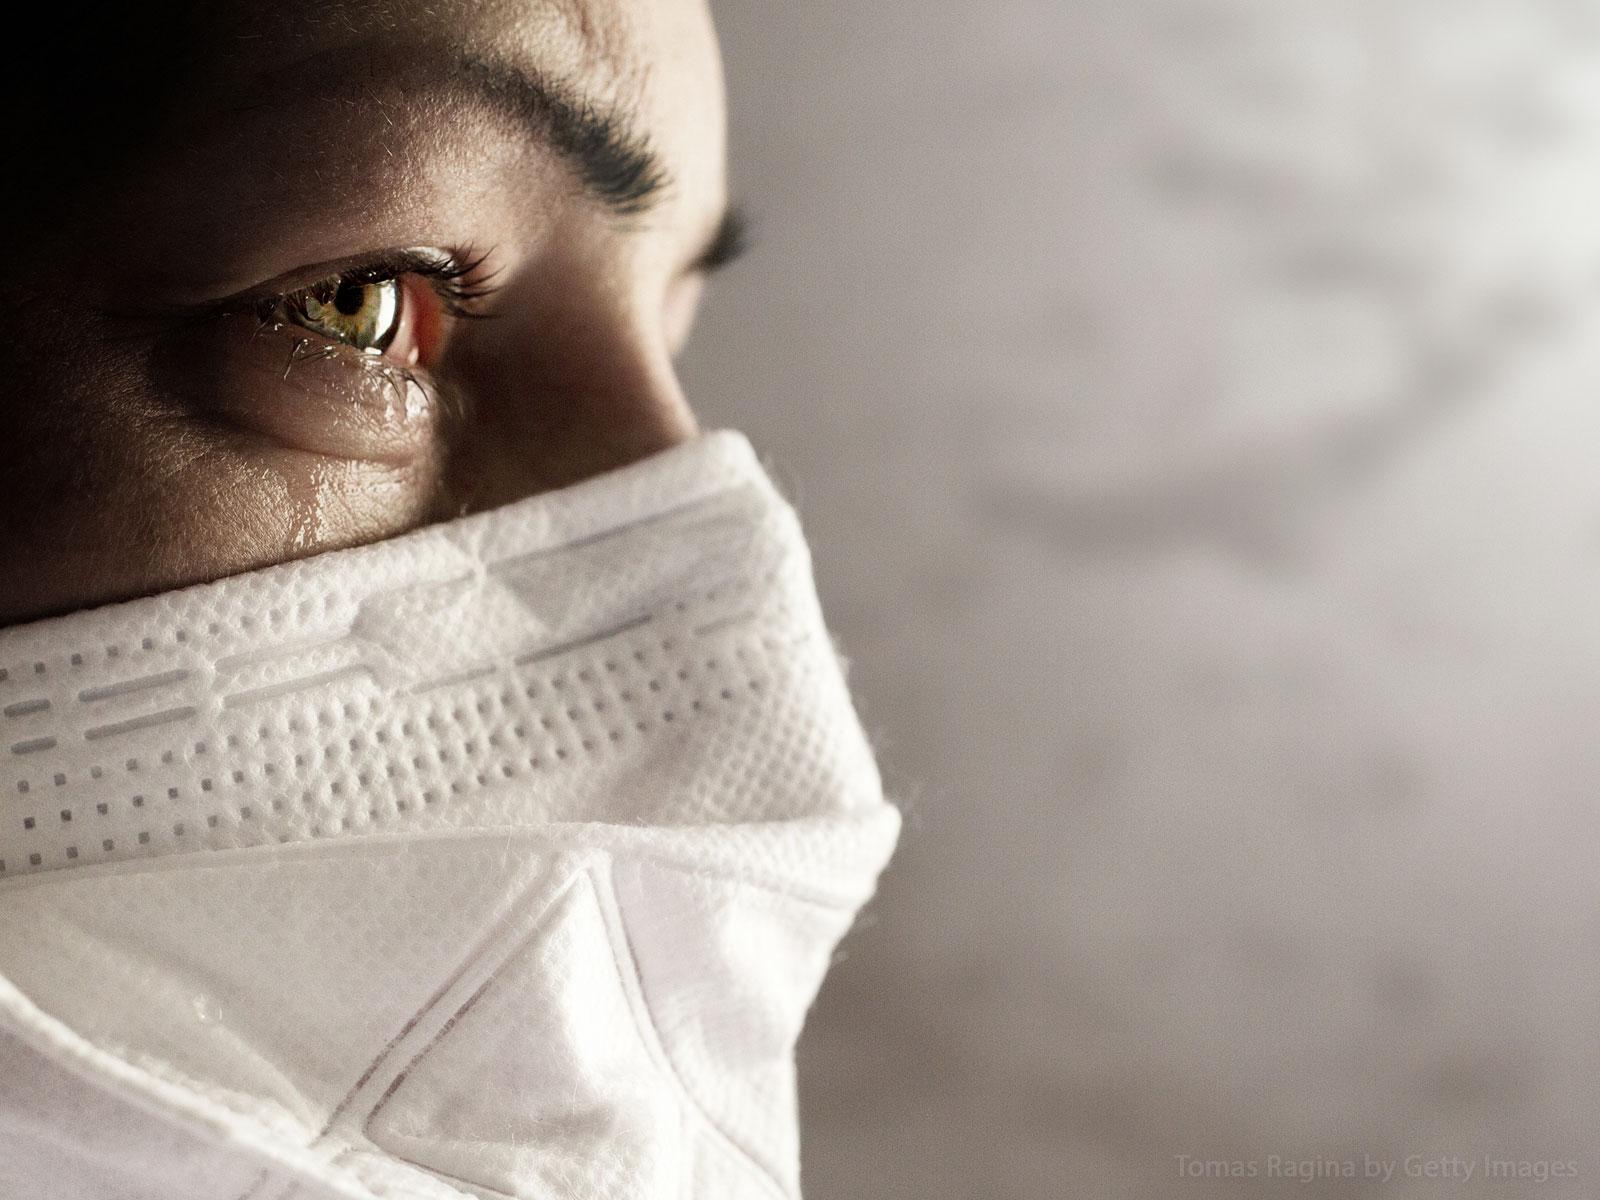 oque-podemos-aprender-com-a-pandemia